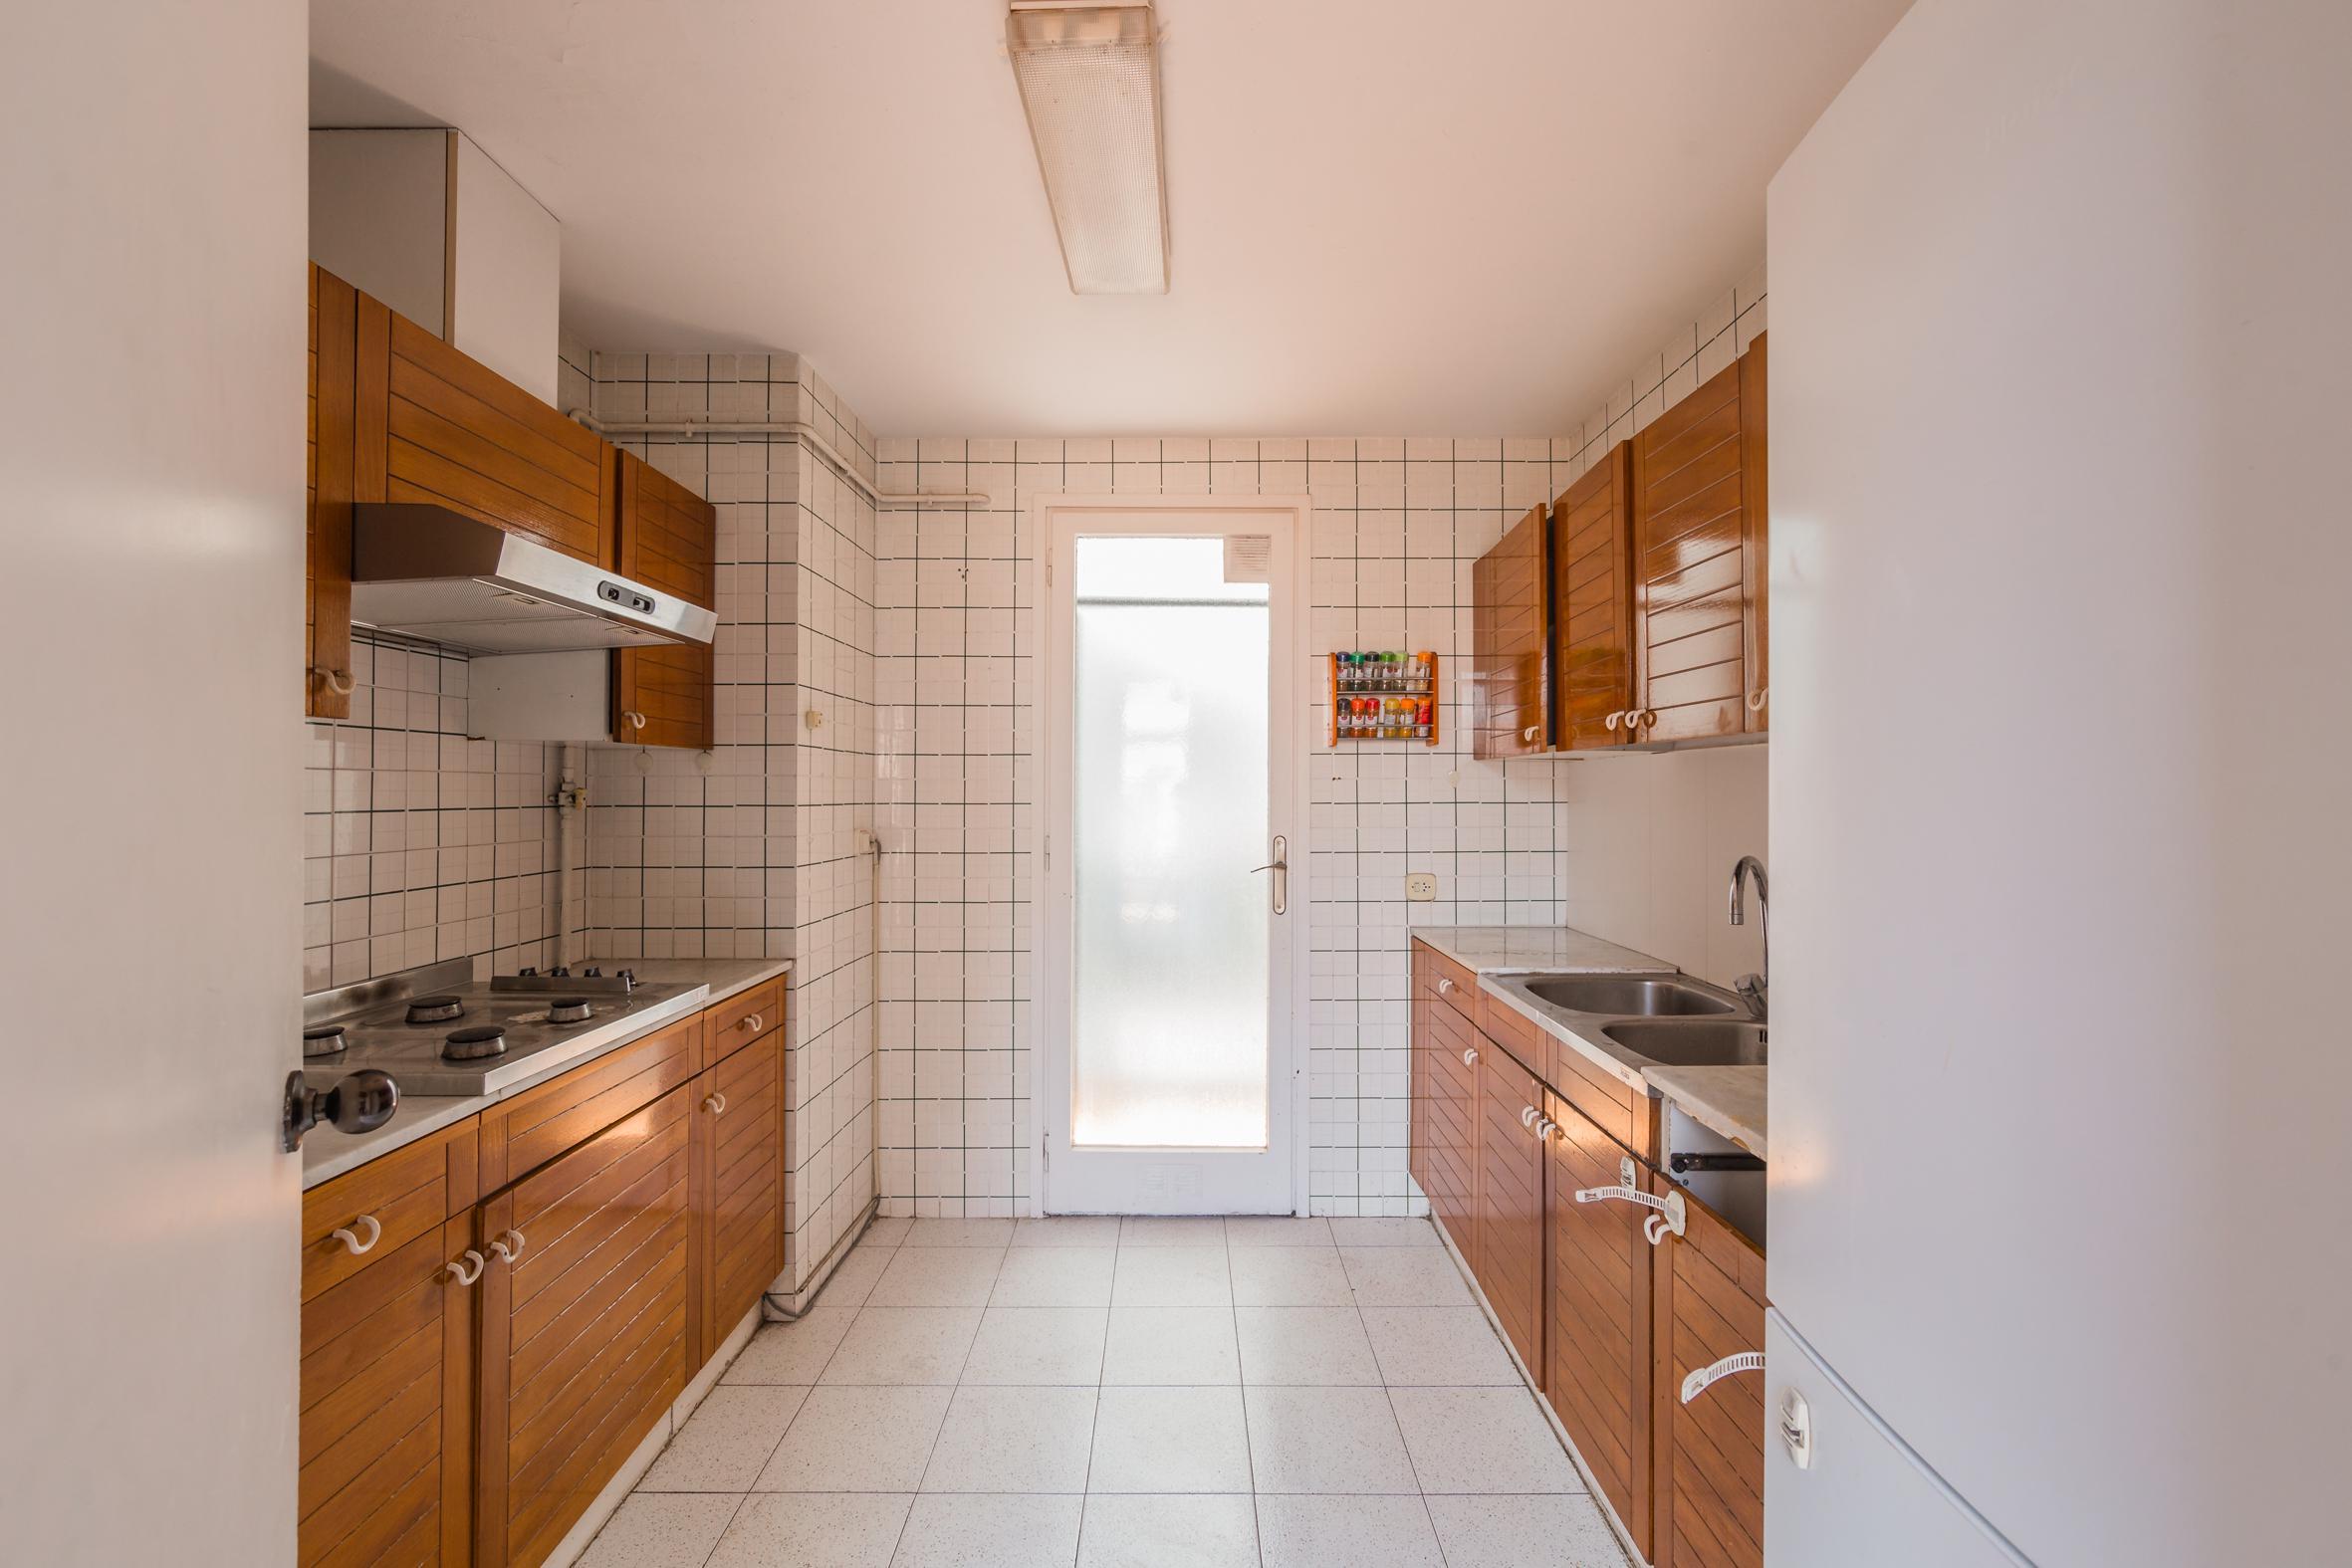 250451 Piso en venda en Sants-Montjuïc, Font de la Guatlla 17